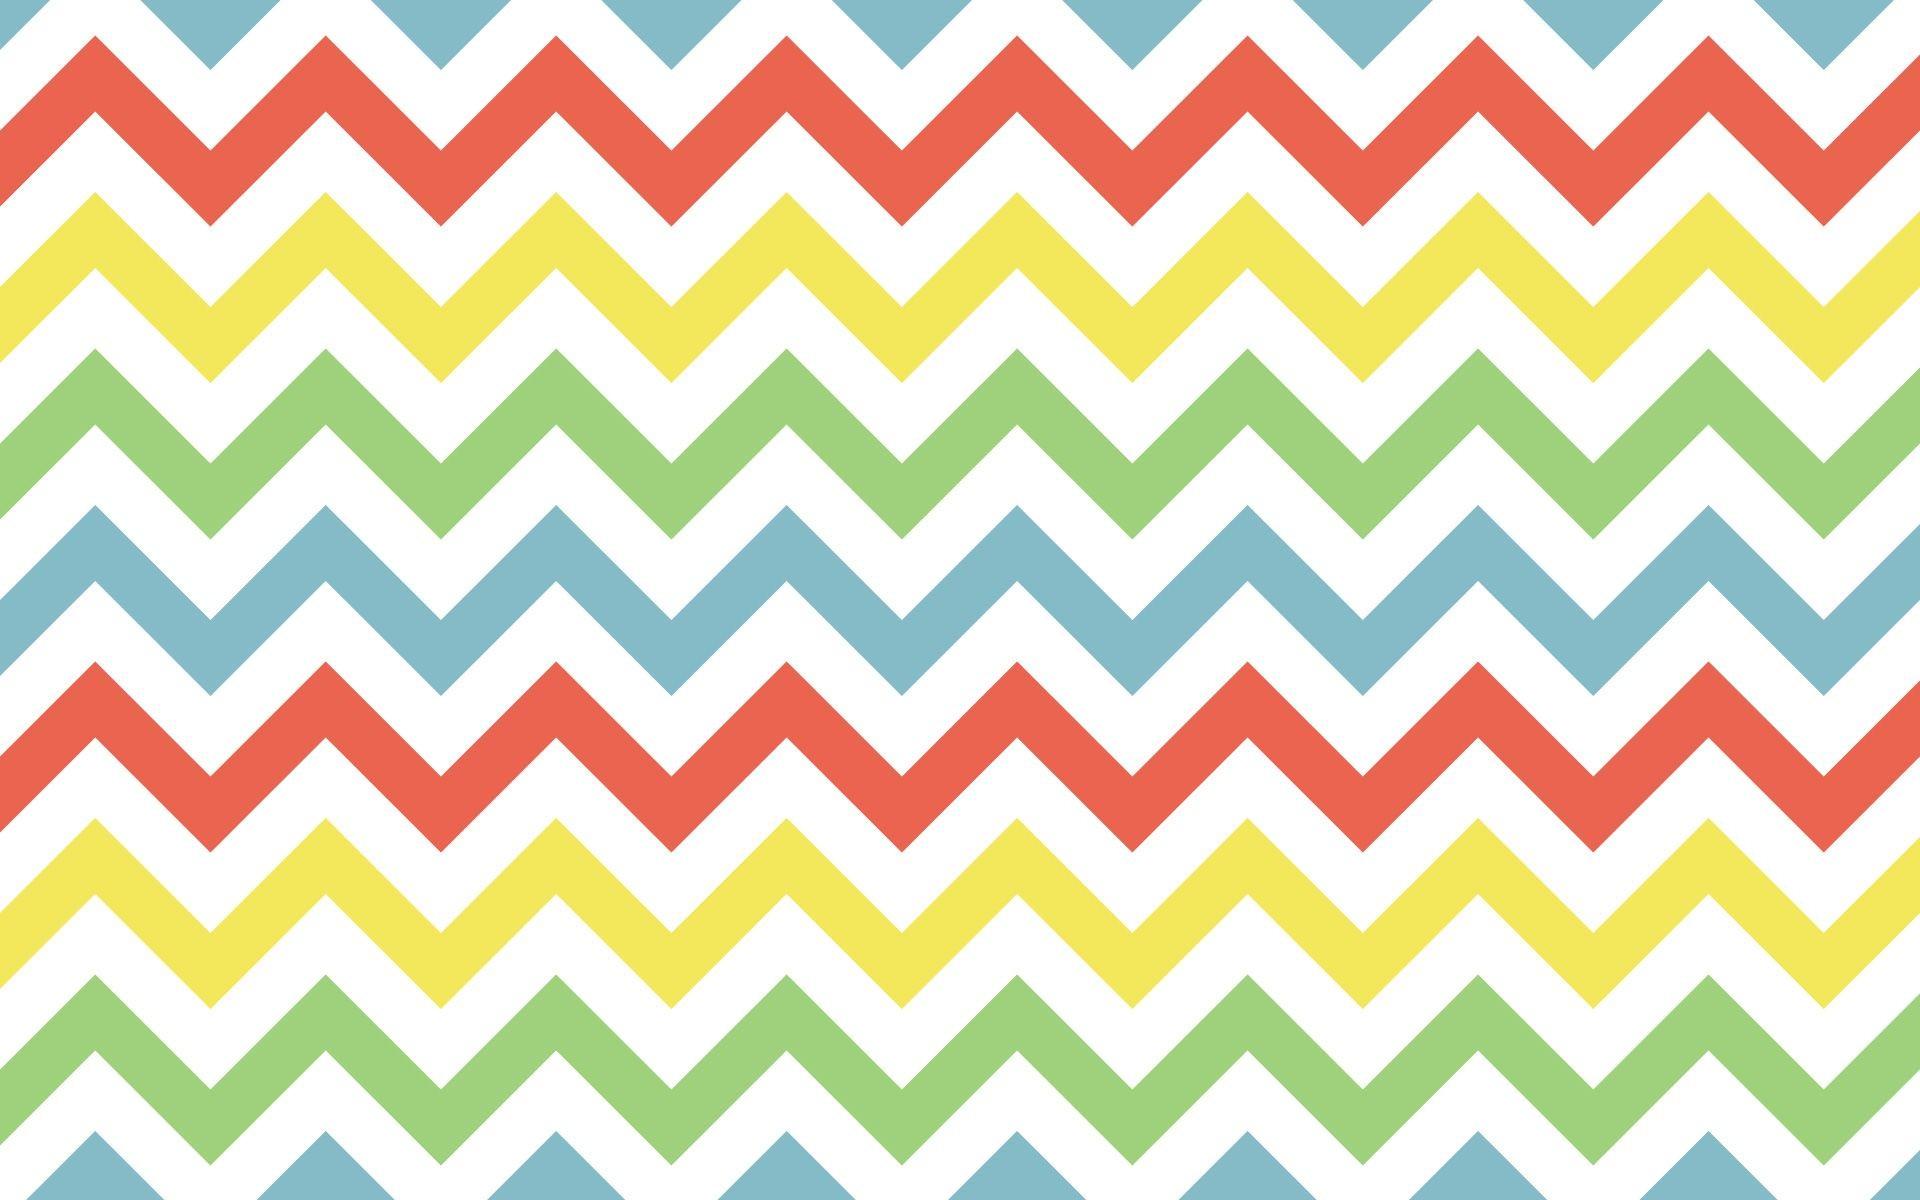 chevron pattern wallpaper - HD1920×1200